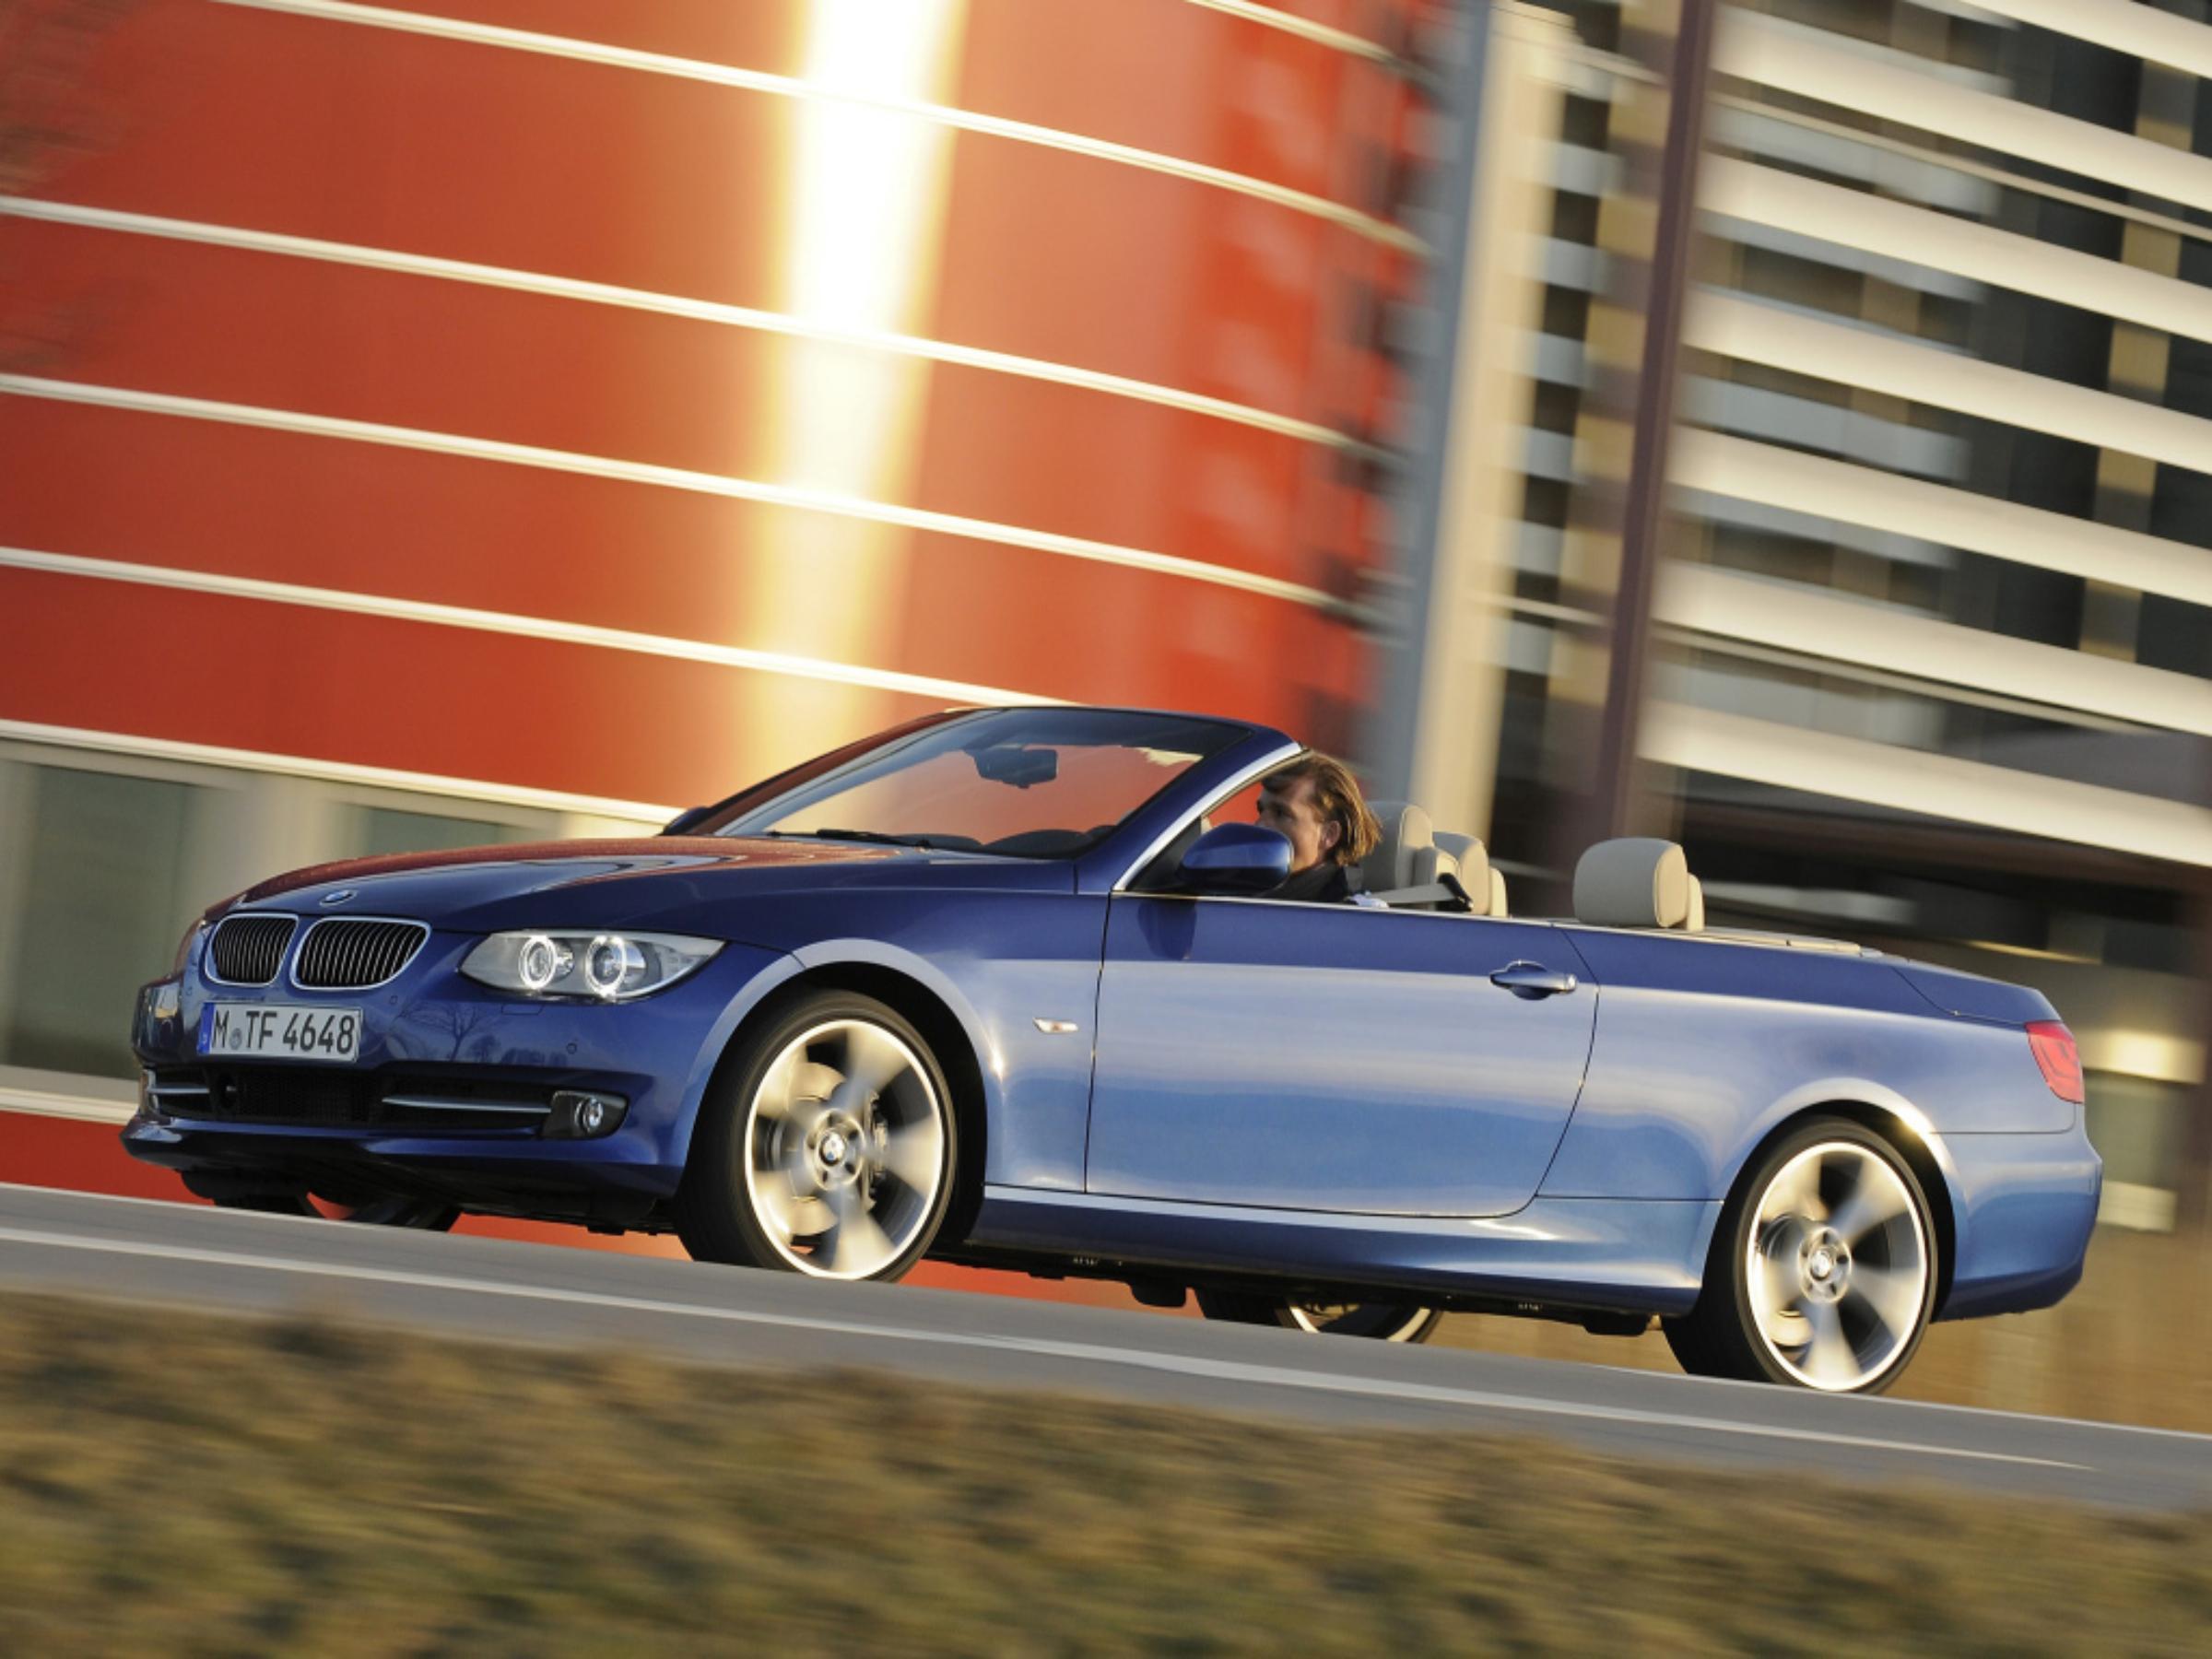 coupe-cabrio przegląd ofert